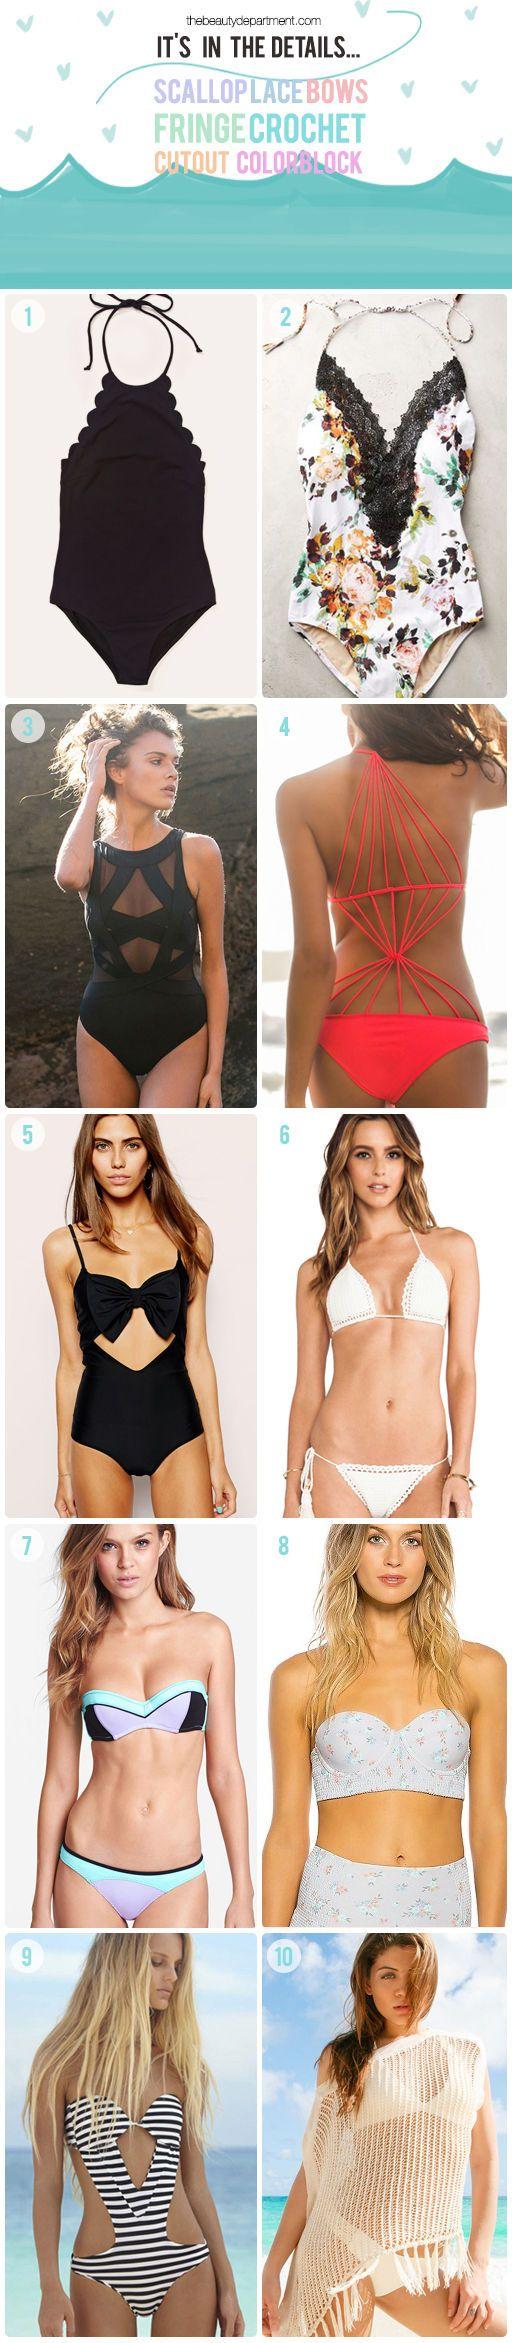 TBD Favorite Swimwear